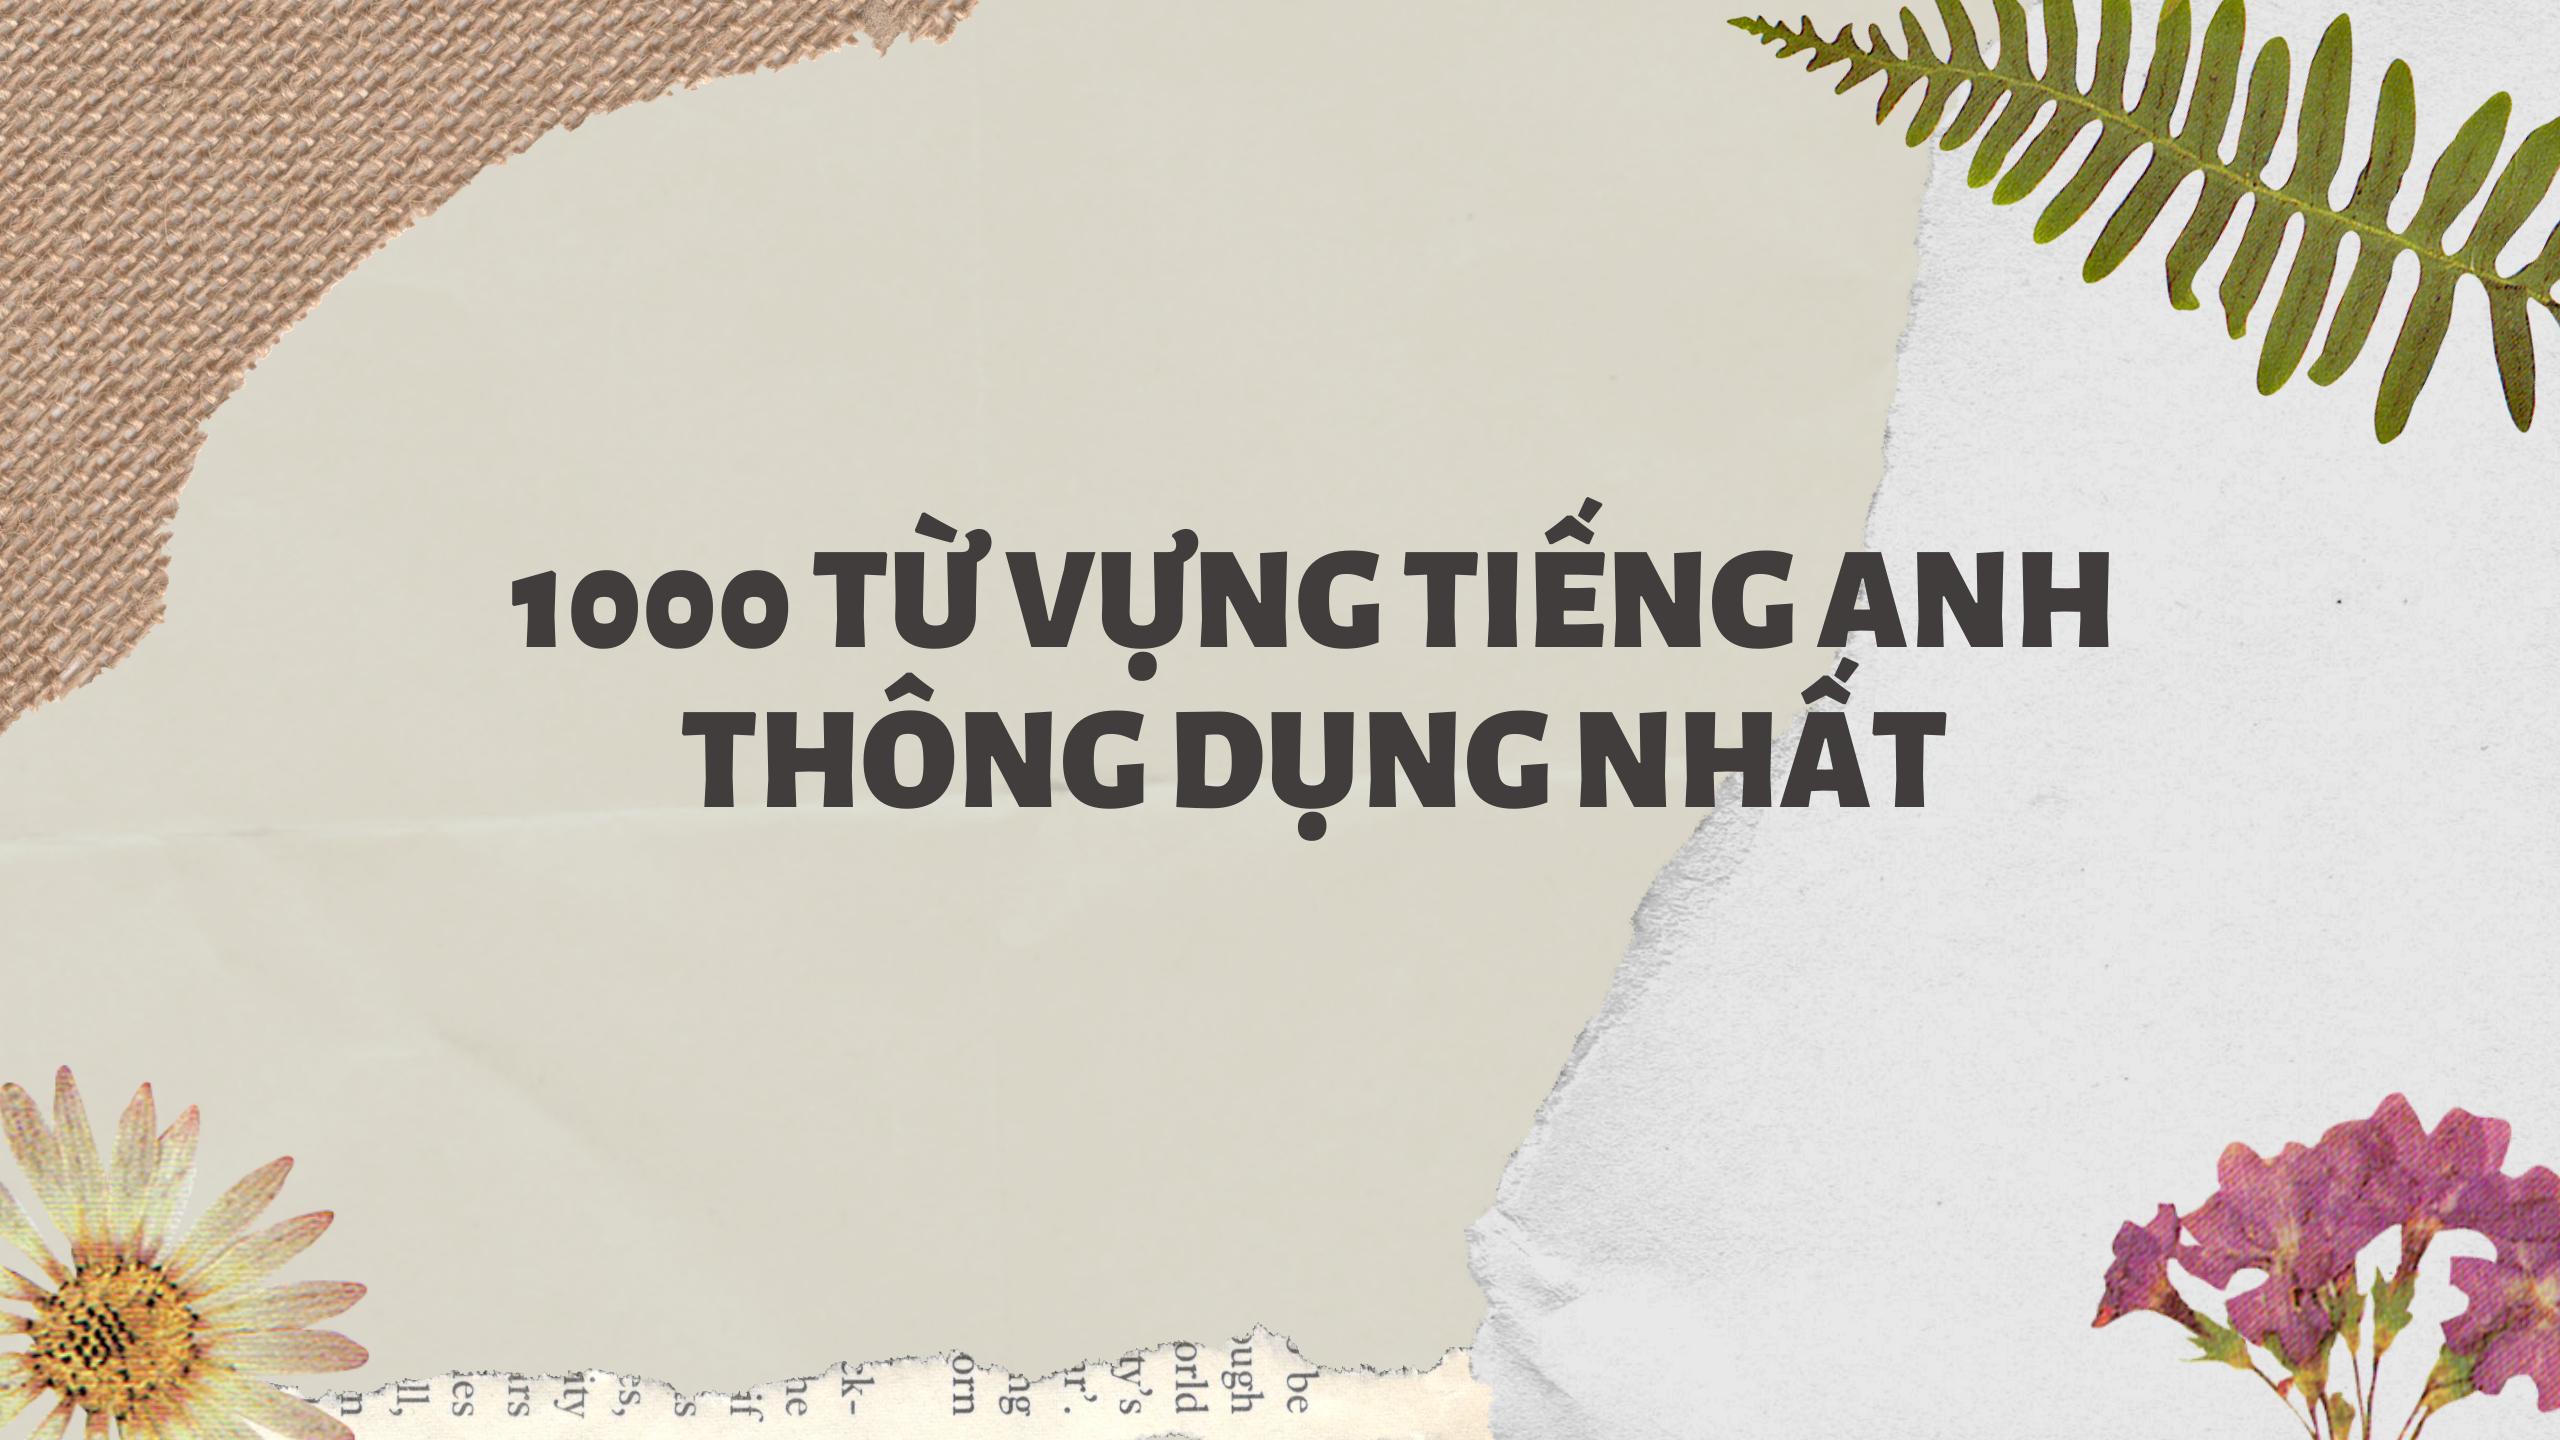 1000 từ vựng tiếng Anh thông dụng nhất